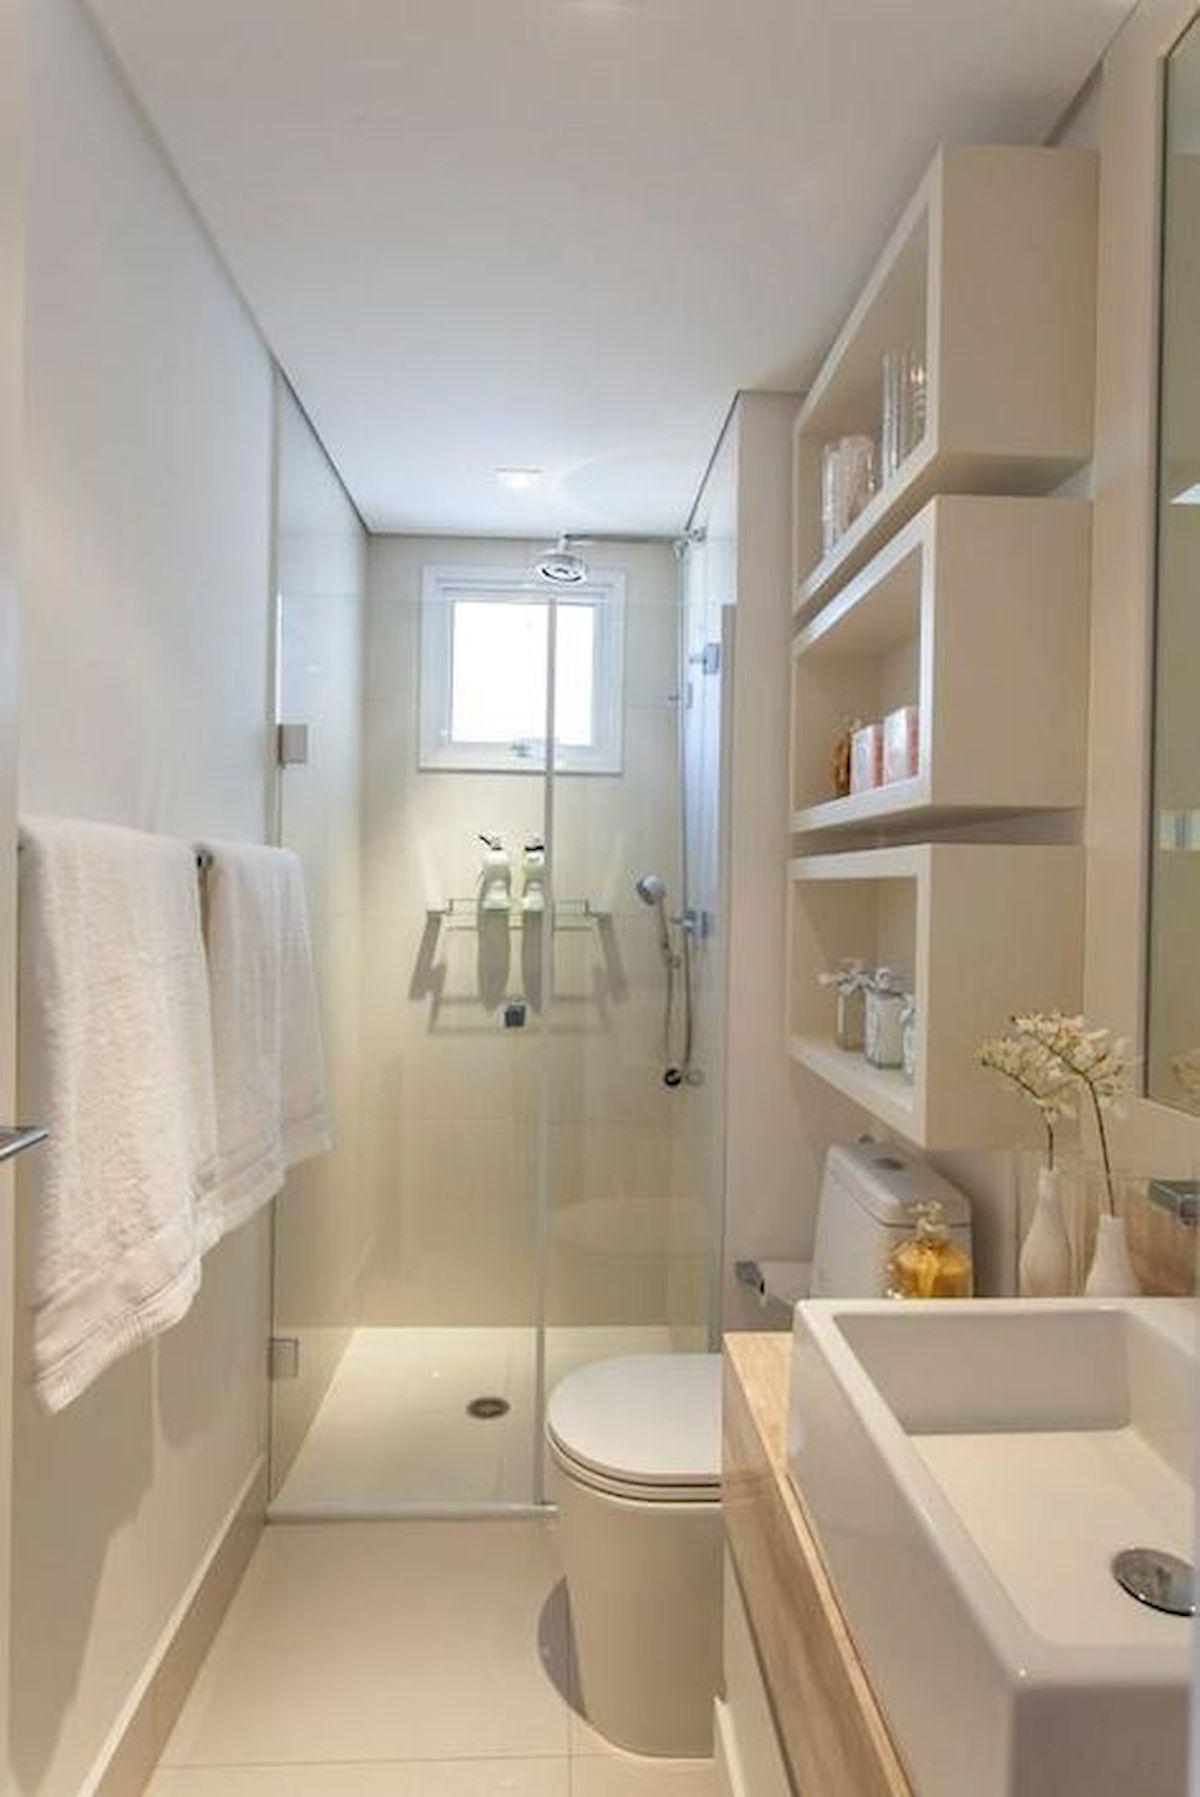 Организация пространства в ванной комнате фото 5